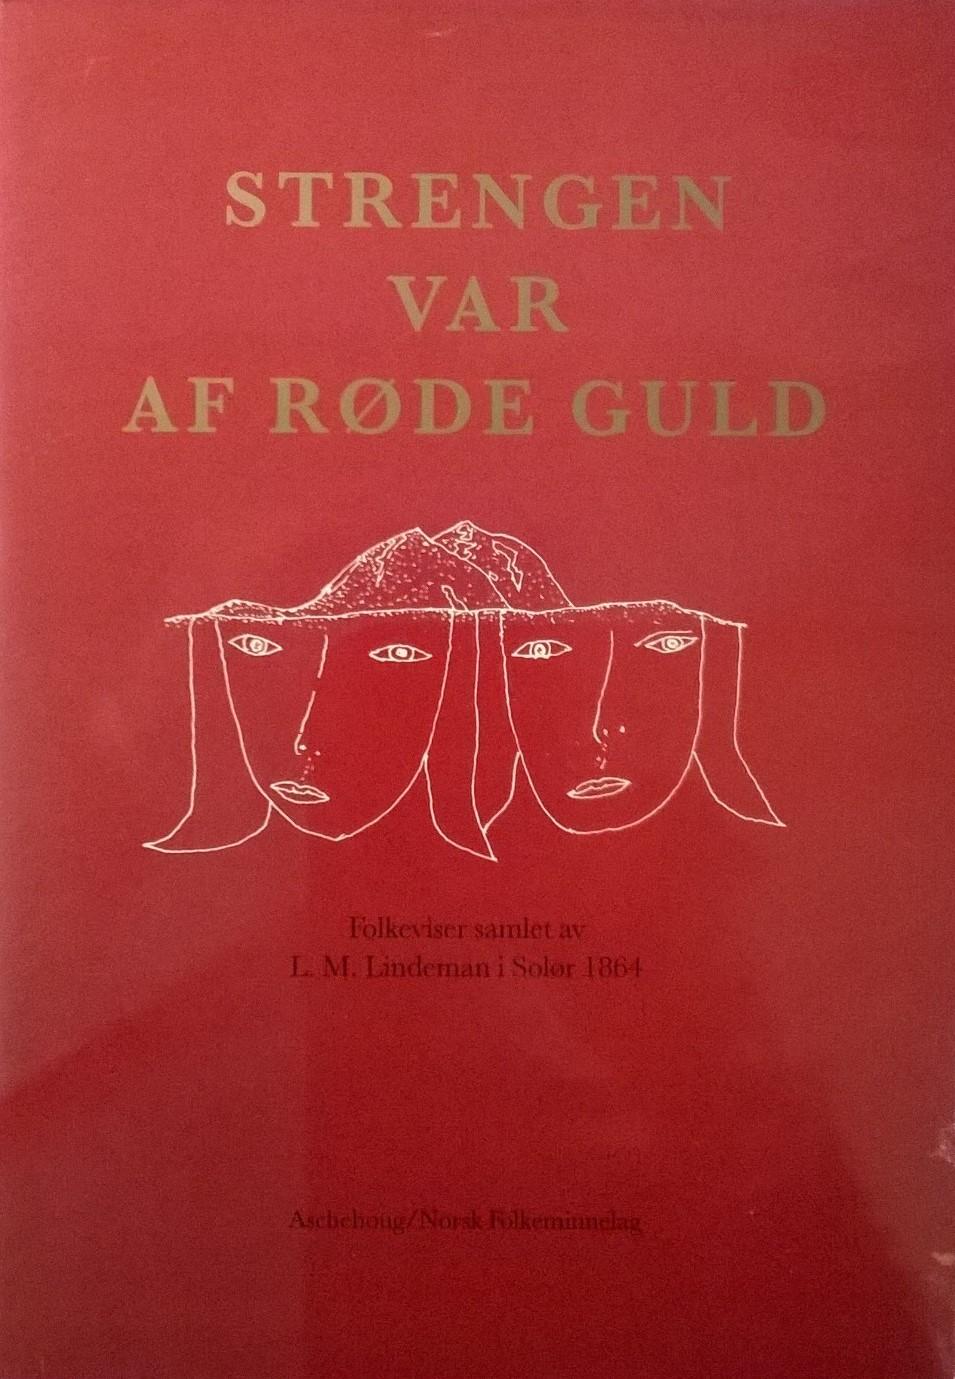 Arild, Heidi, Velle Espeland, Sinikka Langeland, Inger Rønnaasen (red.) Strengen var af røde guld: Folkeviser samlet av L. M. Lindeman i Solør 1864